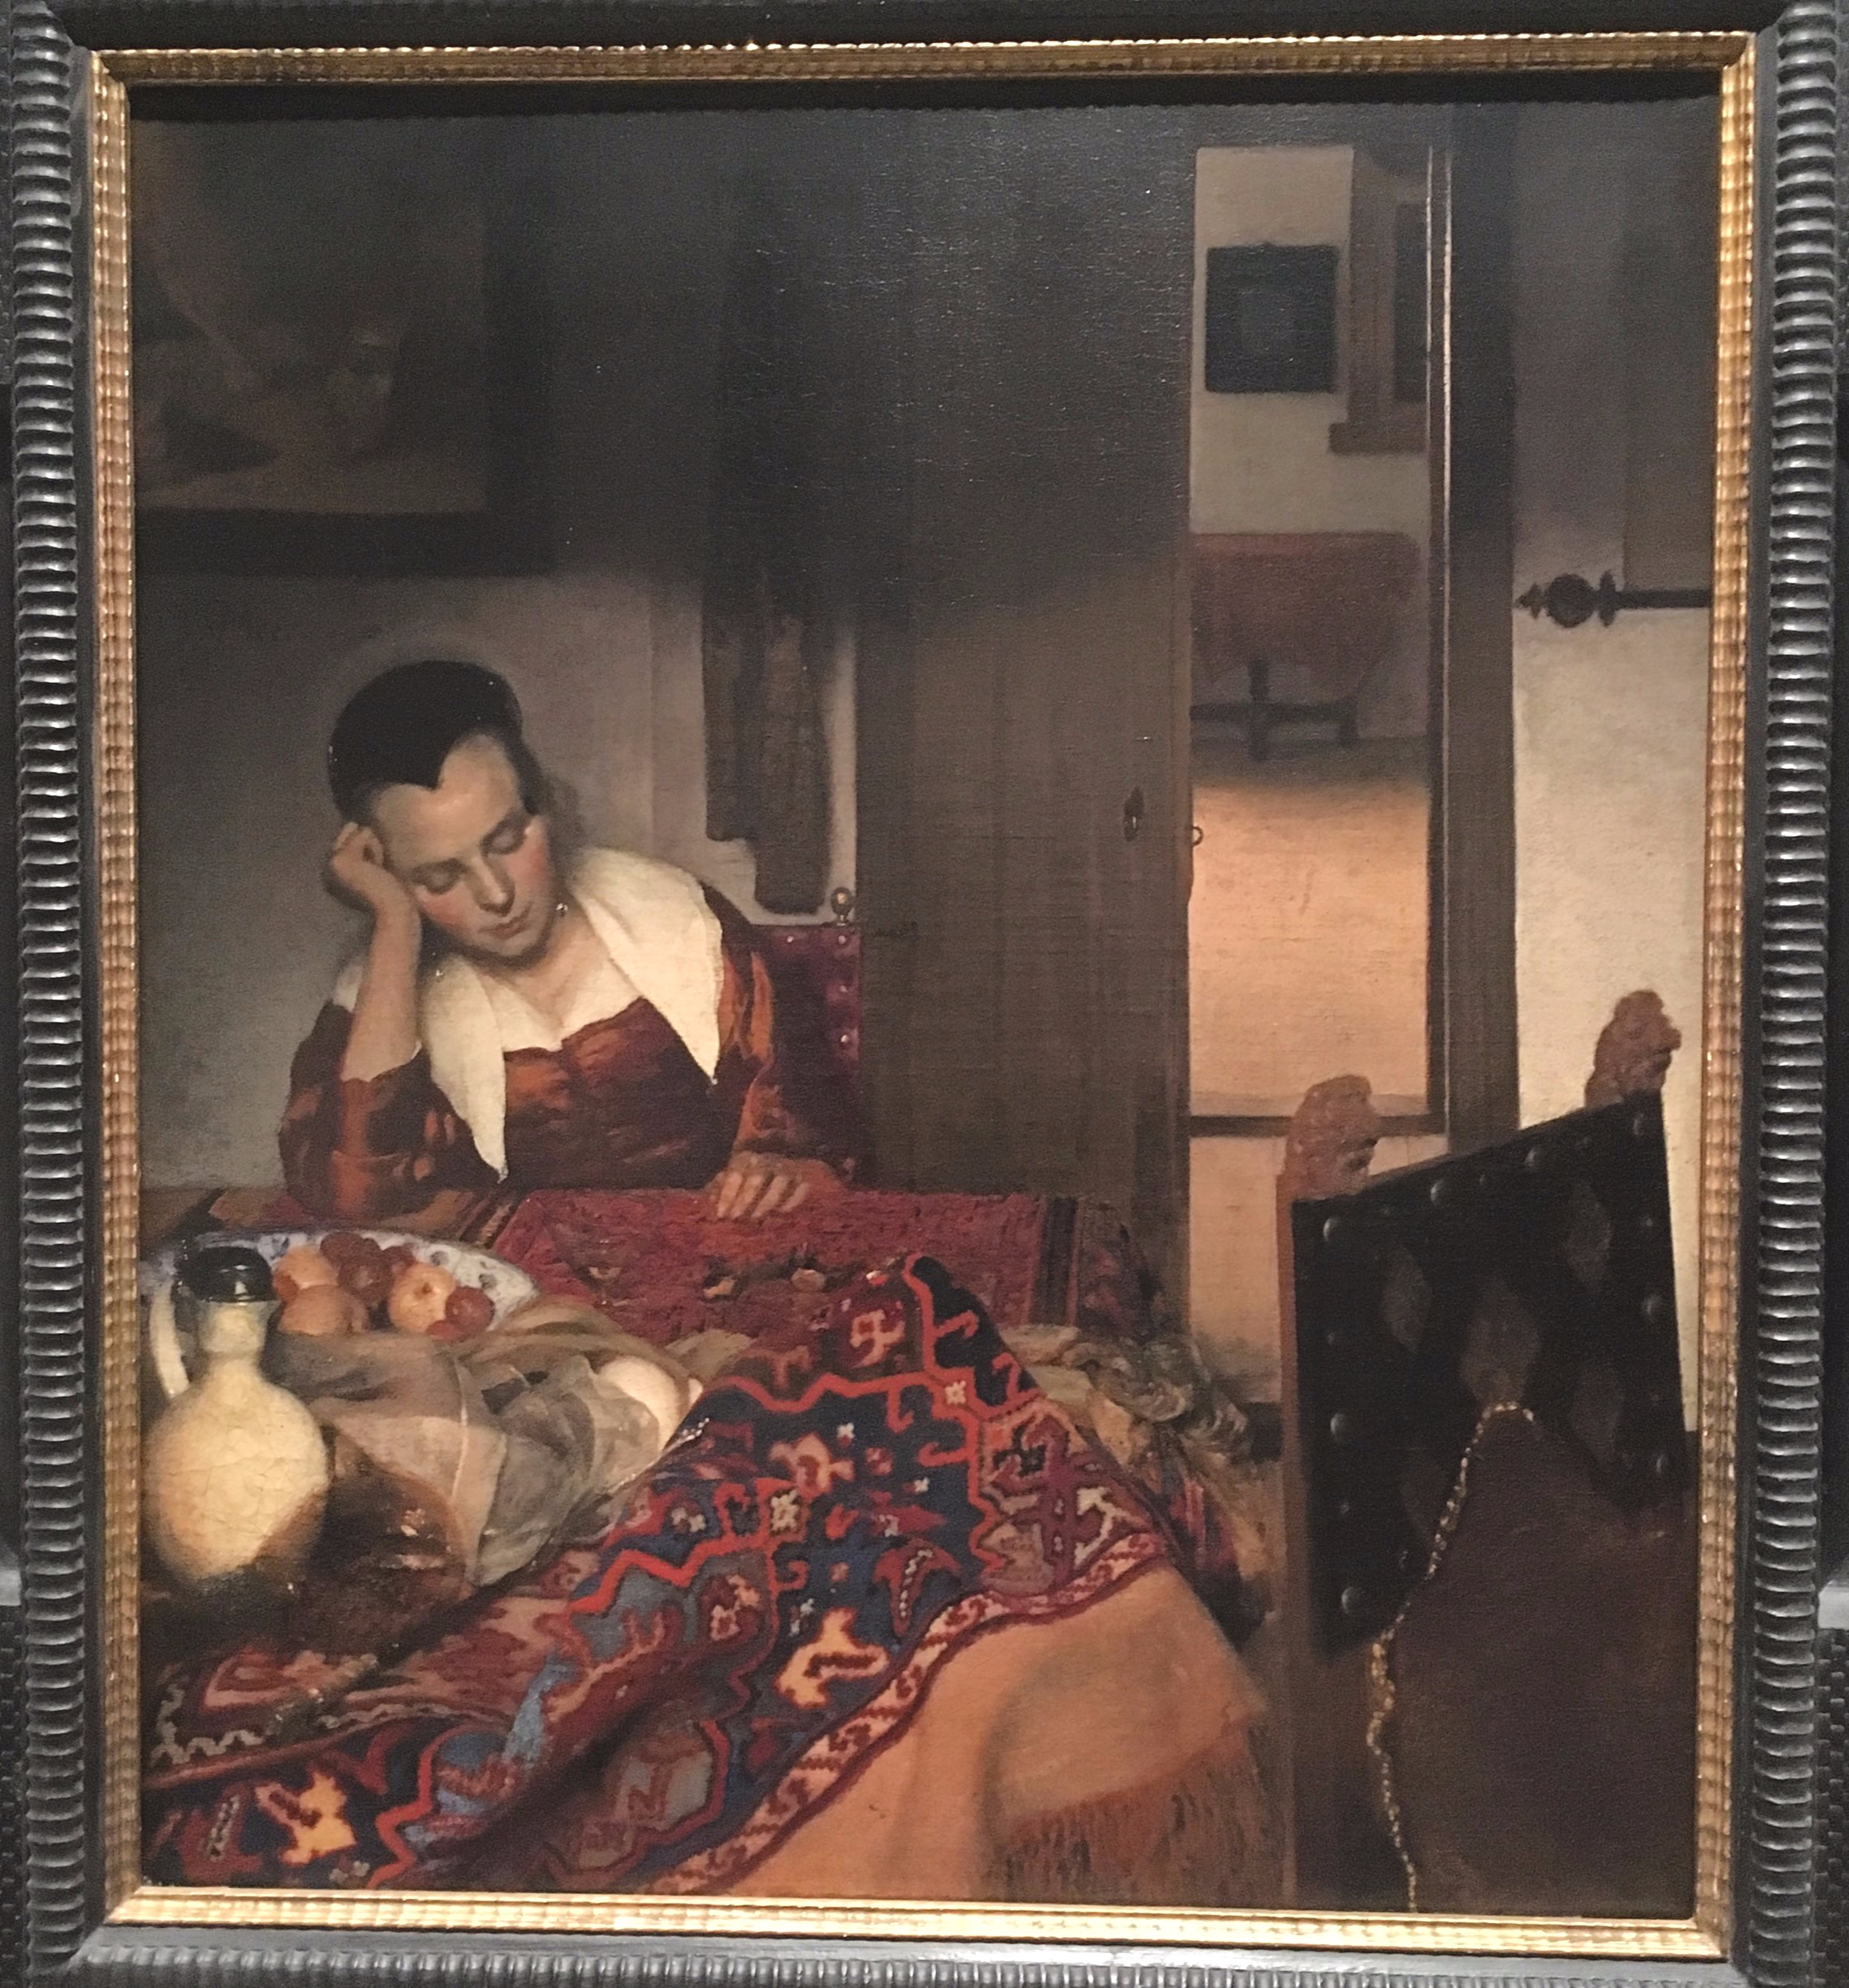 Johannes Vermeer, 'A Maid Asleep', circa 1656-57.